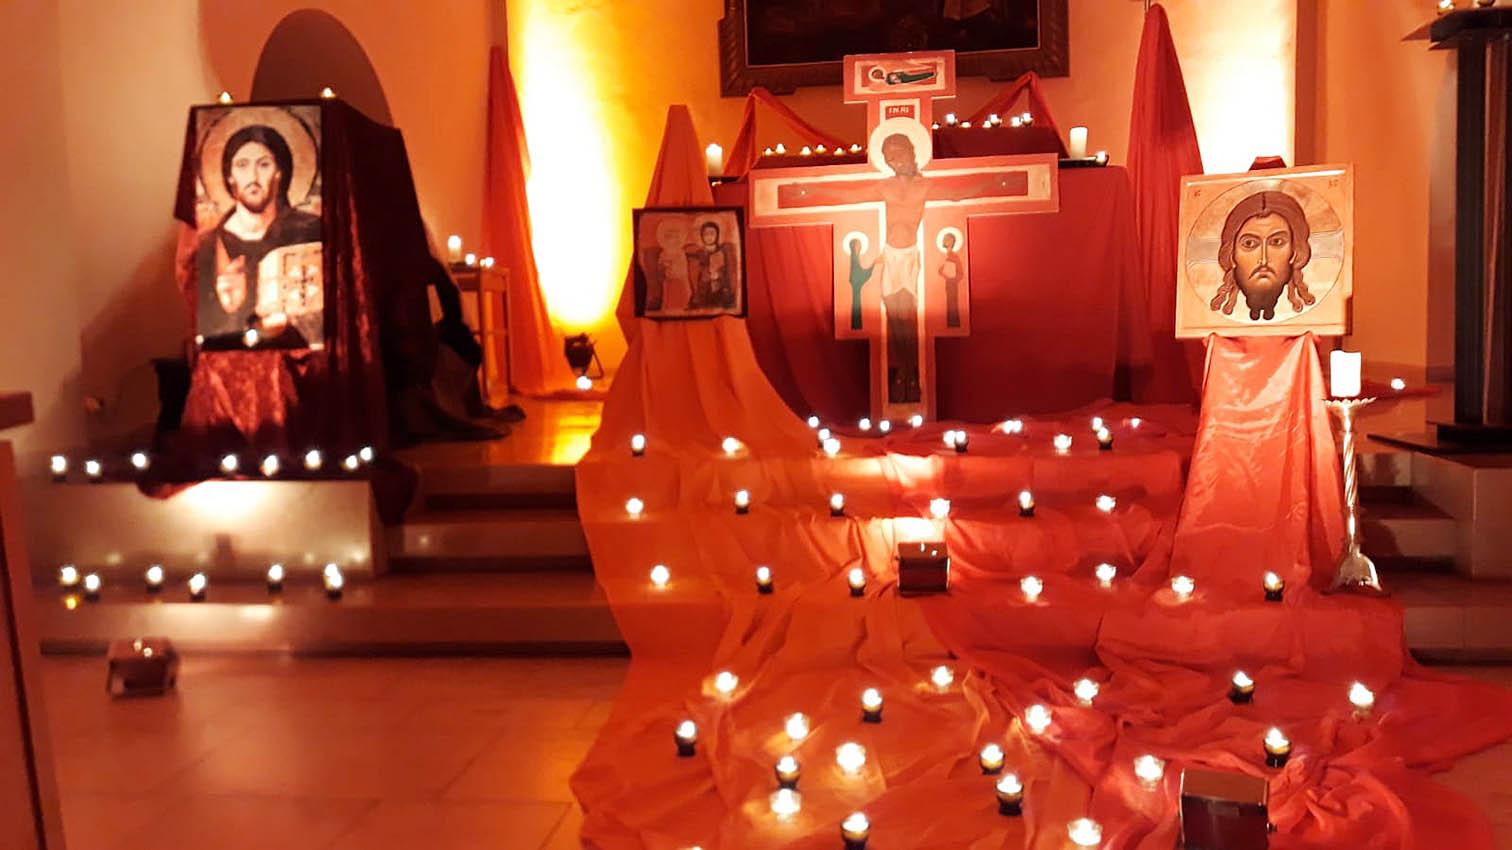 gemeinsam etwas neues wagen stadtkloster maria hilf. Black Bedroom Furniture Sets. Home Design Ideas